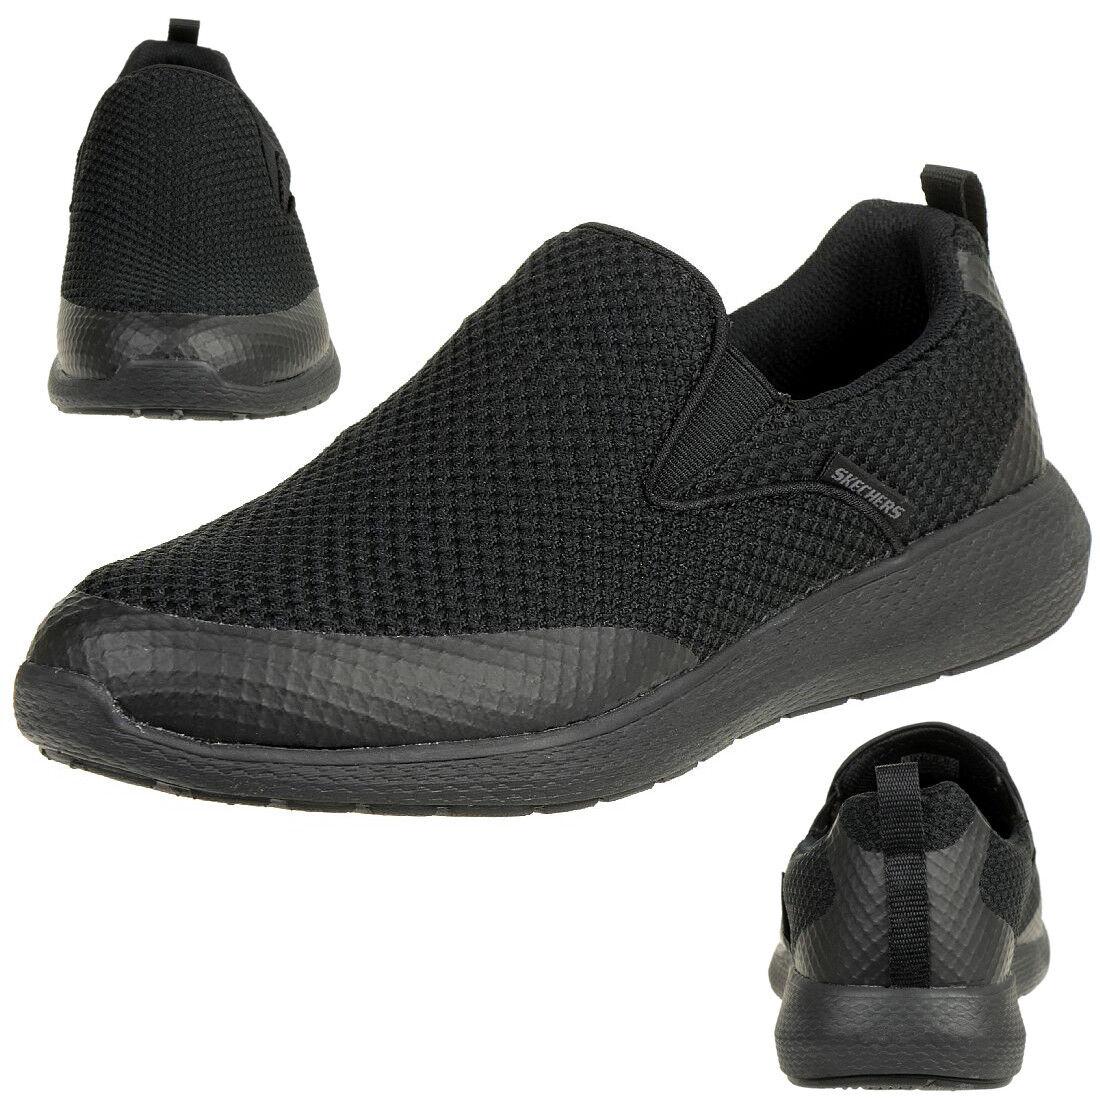 Skechers Kulow blancowater Hombre sin Cordones Mocasines Negro Textil 52885